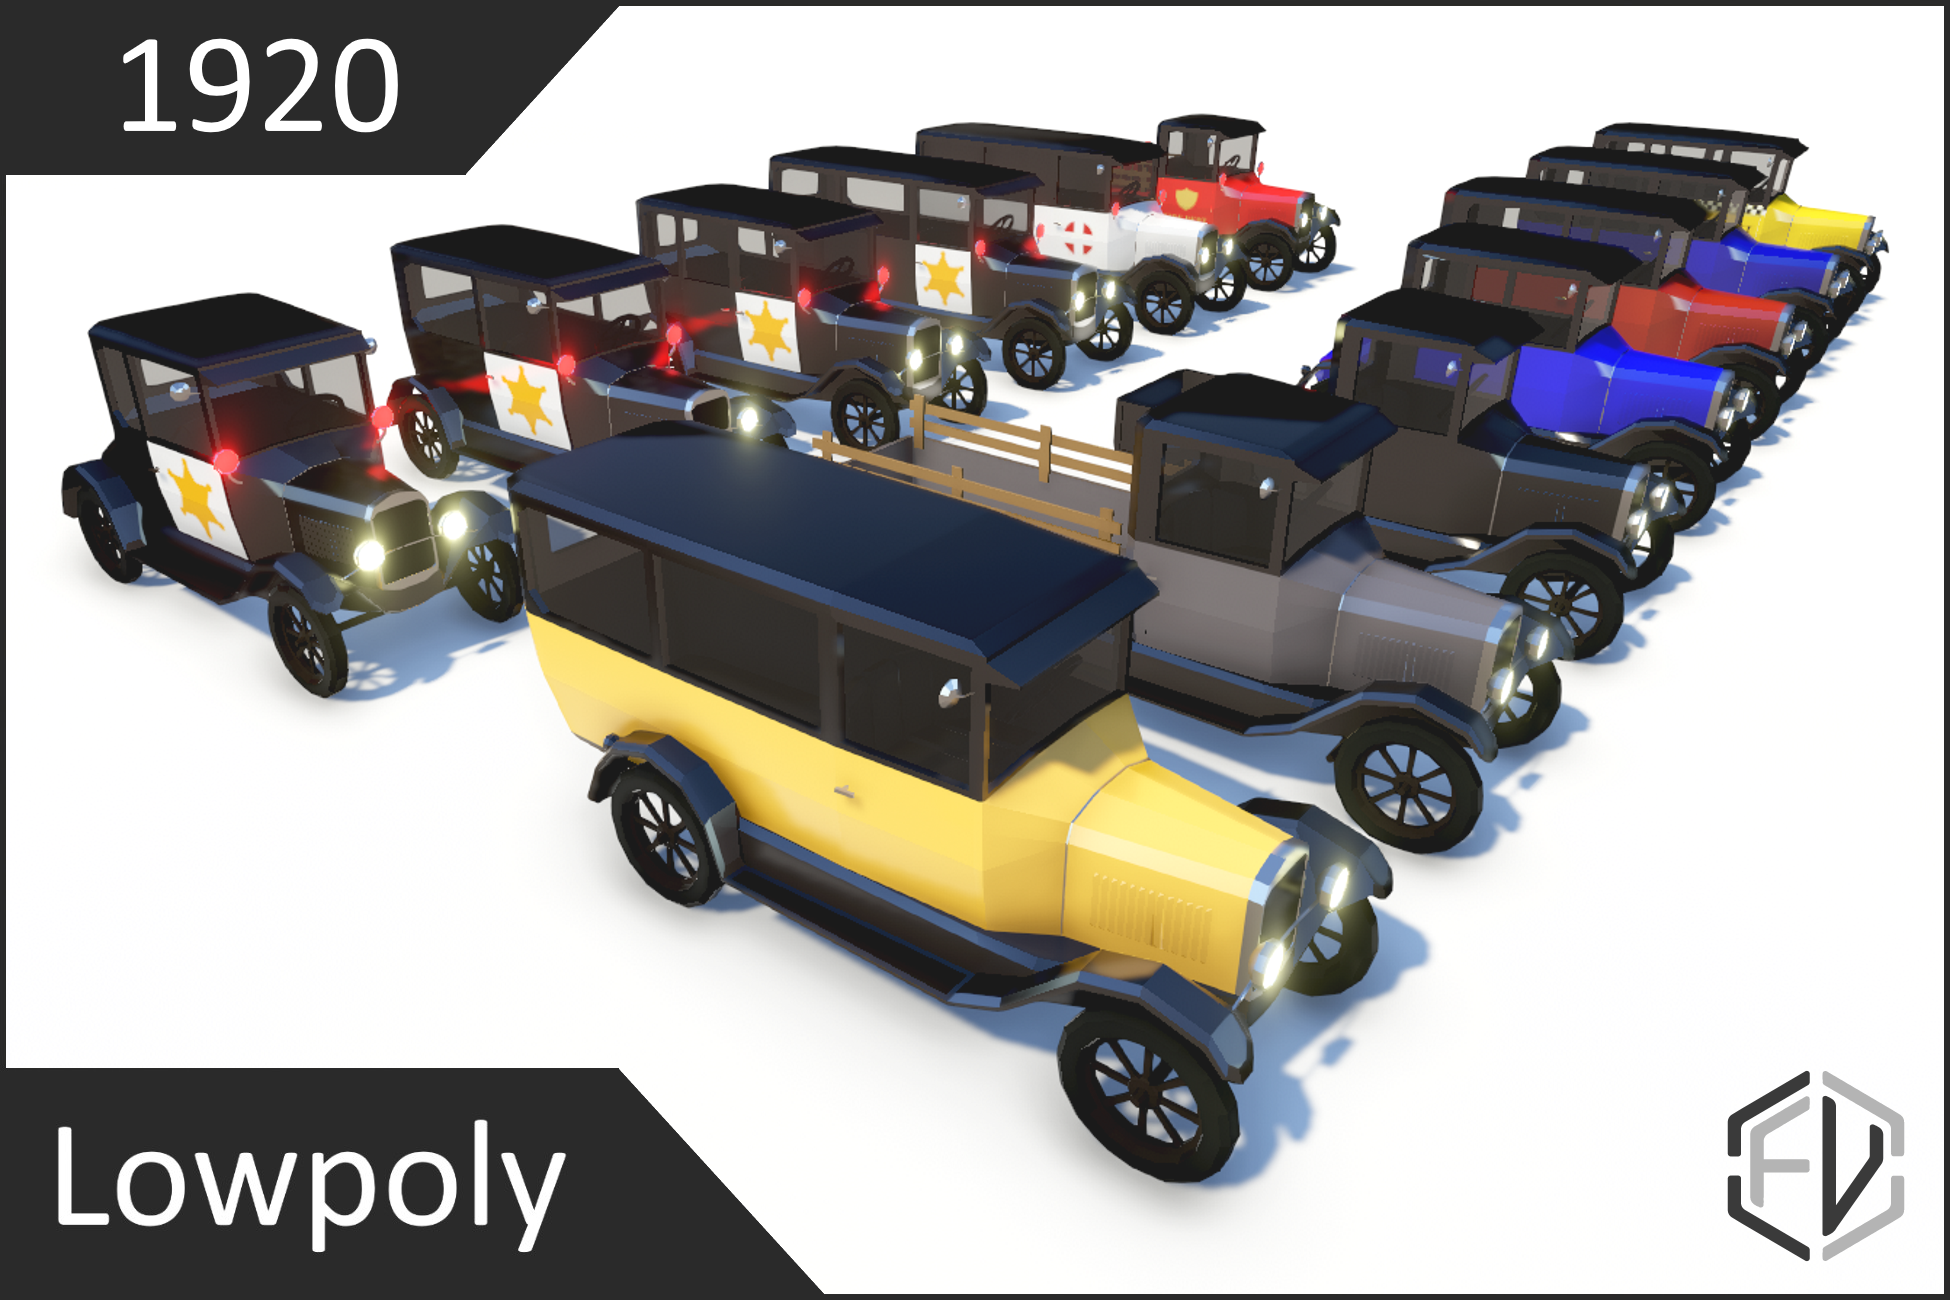 Lowpoly Vintage Car Pack 1920